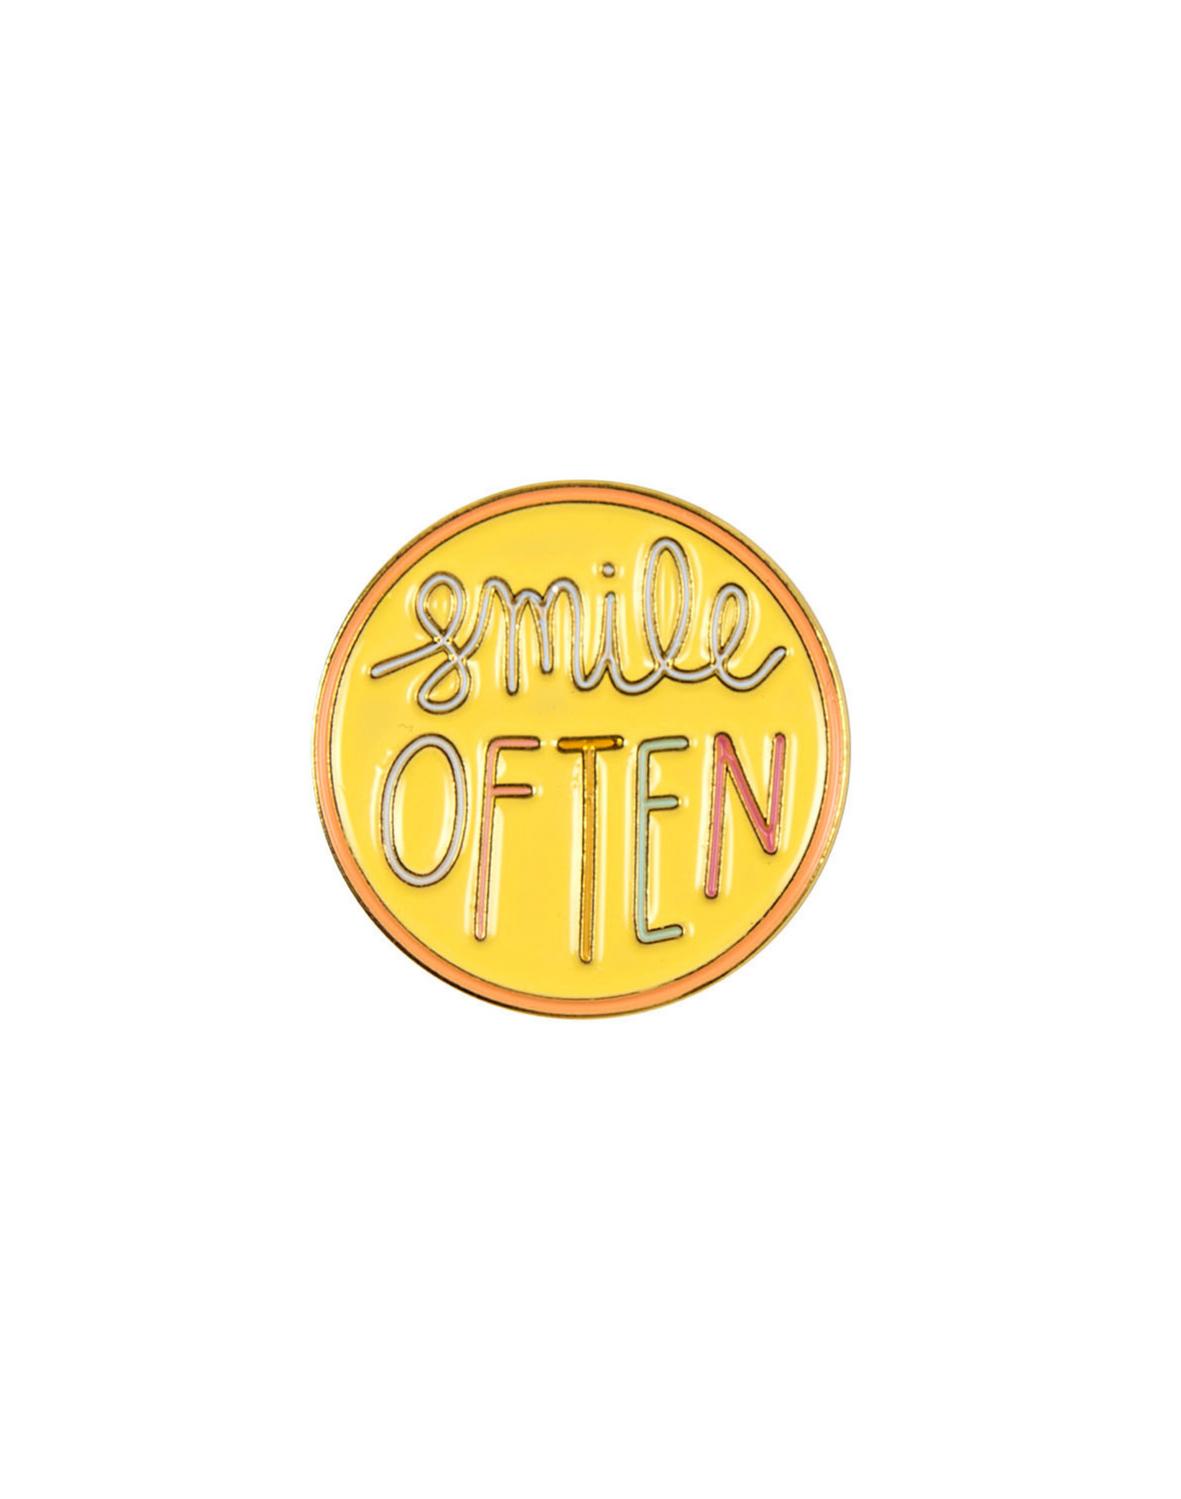 79281 smileoftenenamelpin slider1